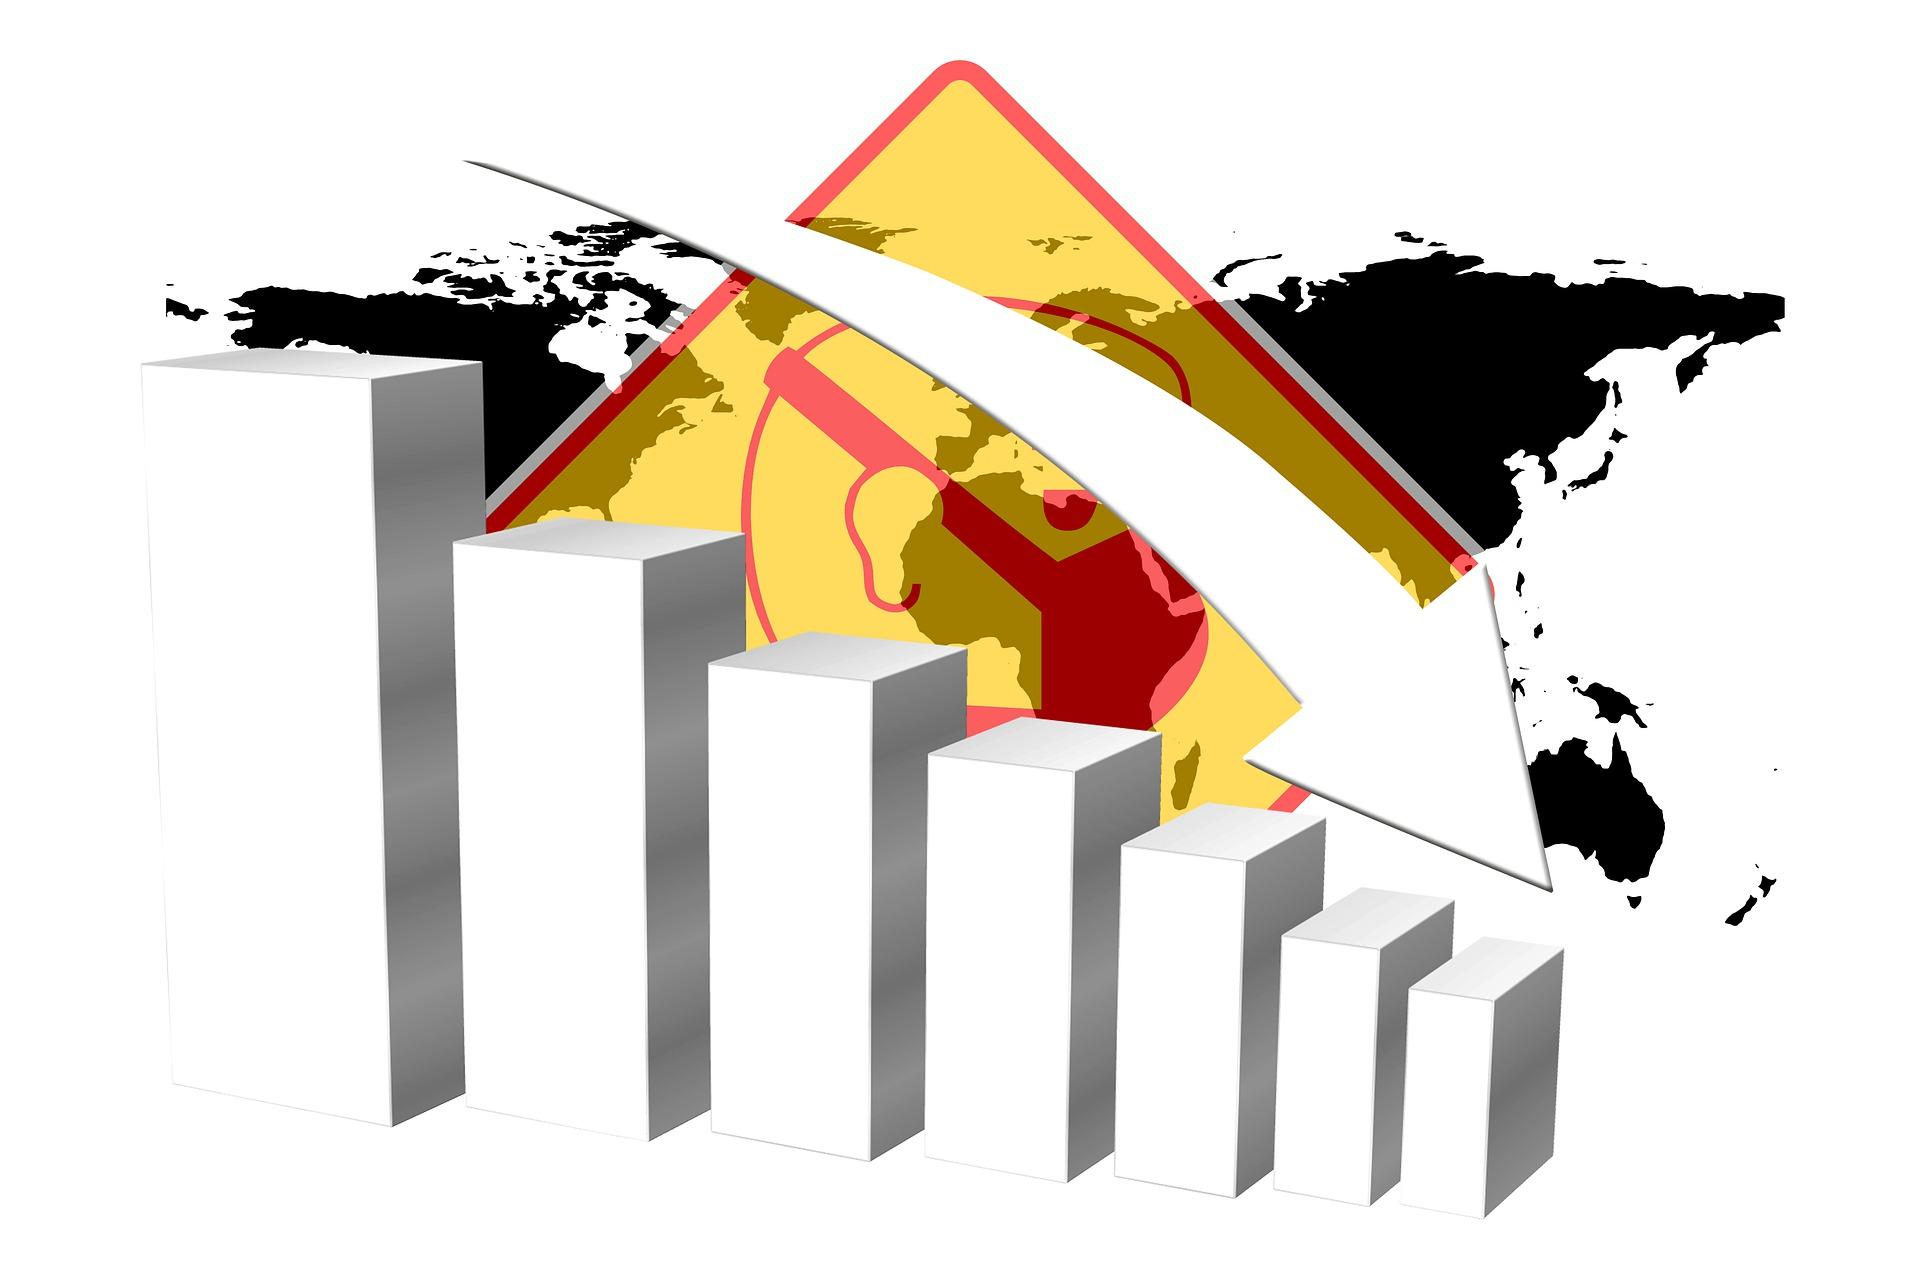 Poziv članovima UO Rovinj-Rovigno